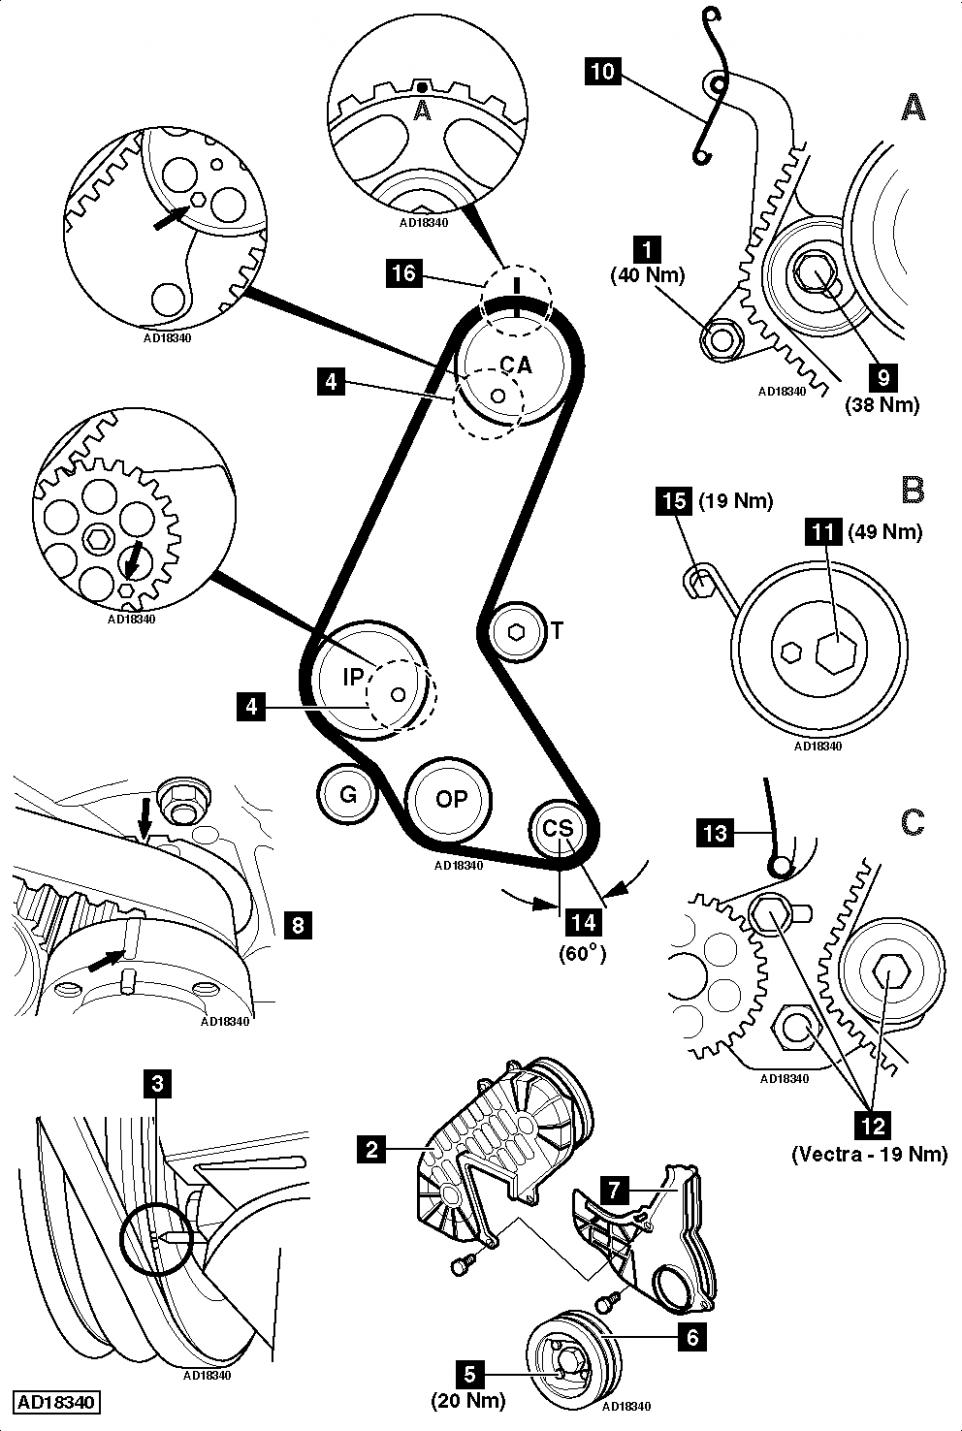 2004 Bmw X5 Serpentine Belt Diagram